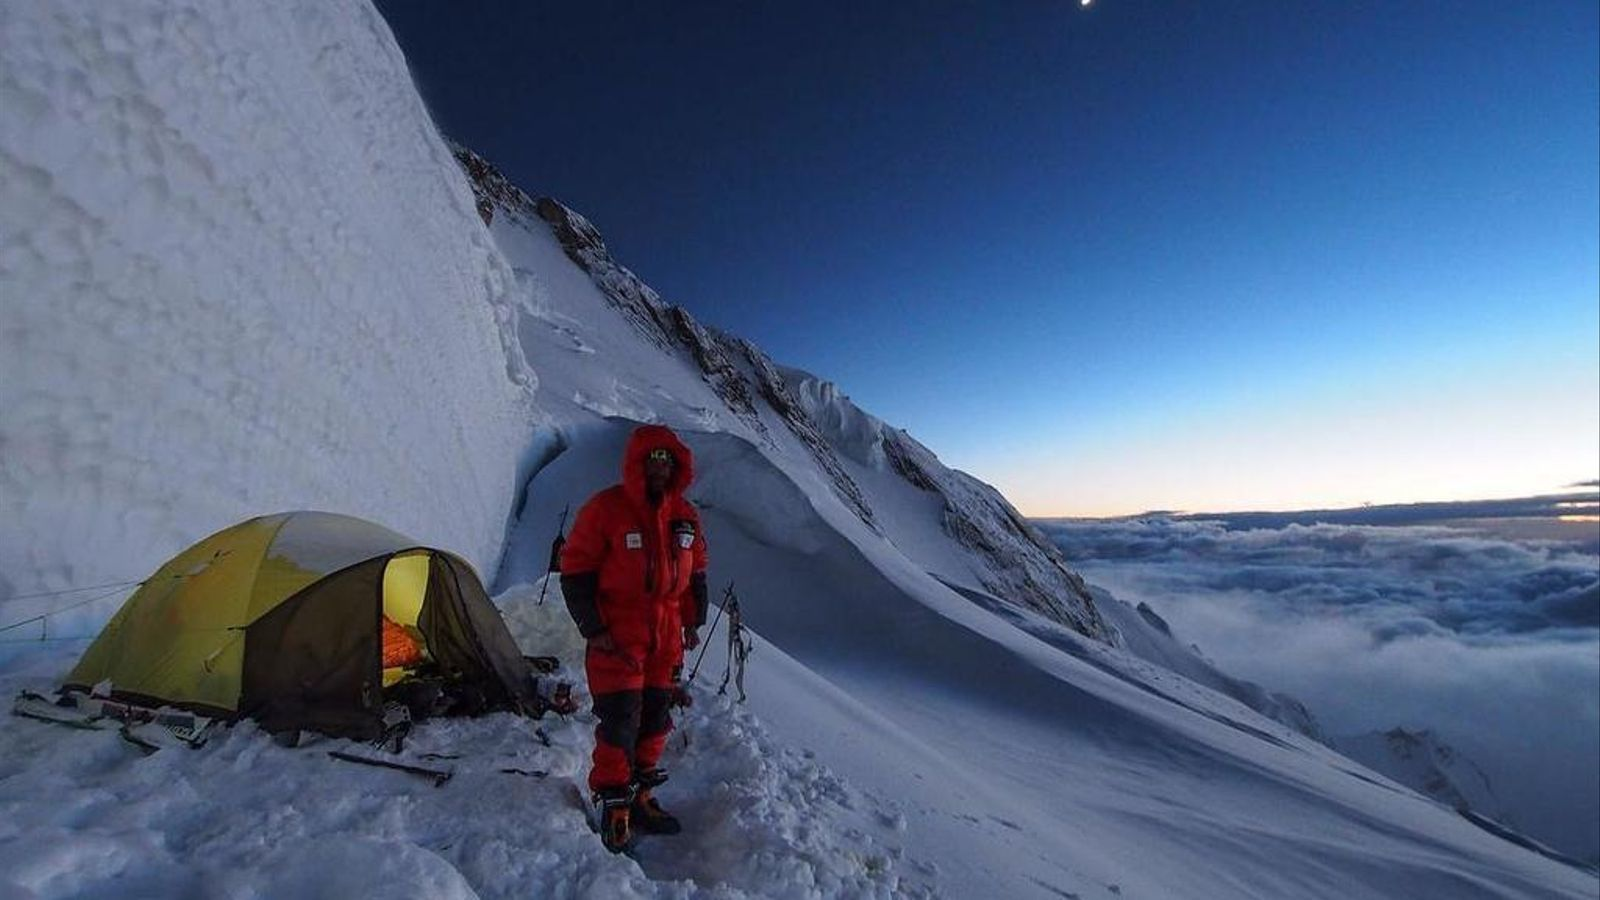 Ferran Latorre, al camp III del Nanga Parbat, situat a 7.000 metres d'alçada